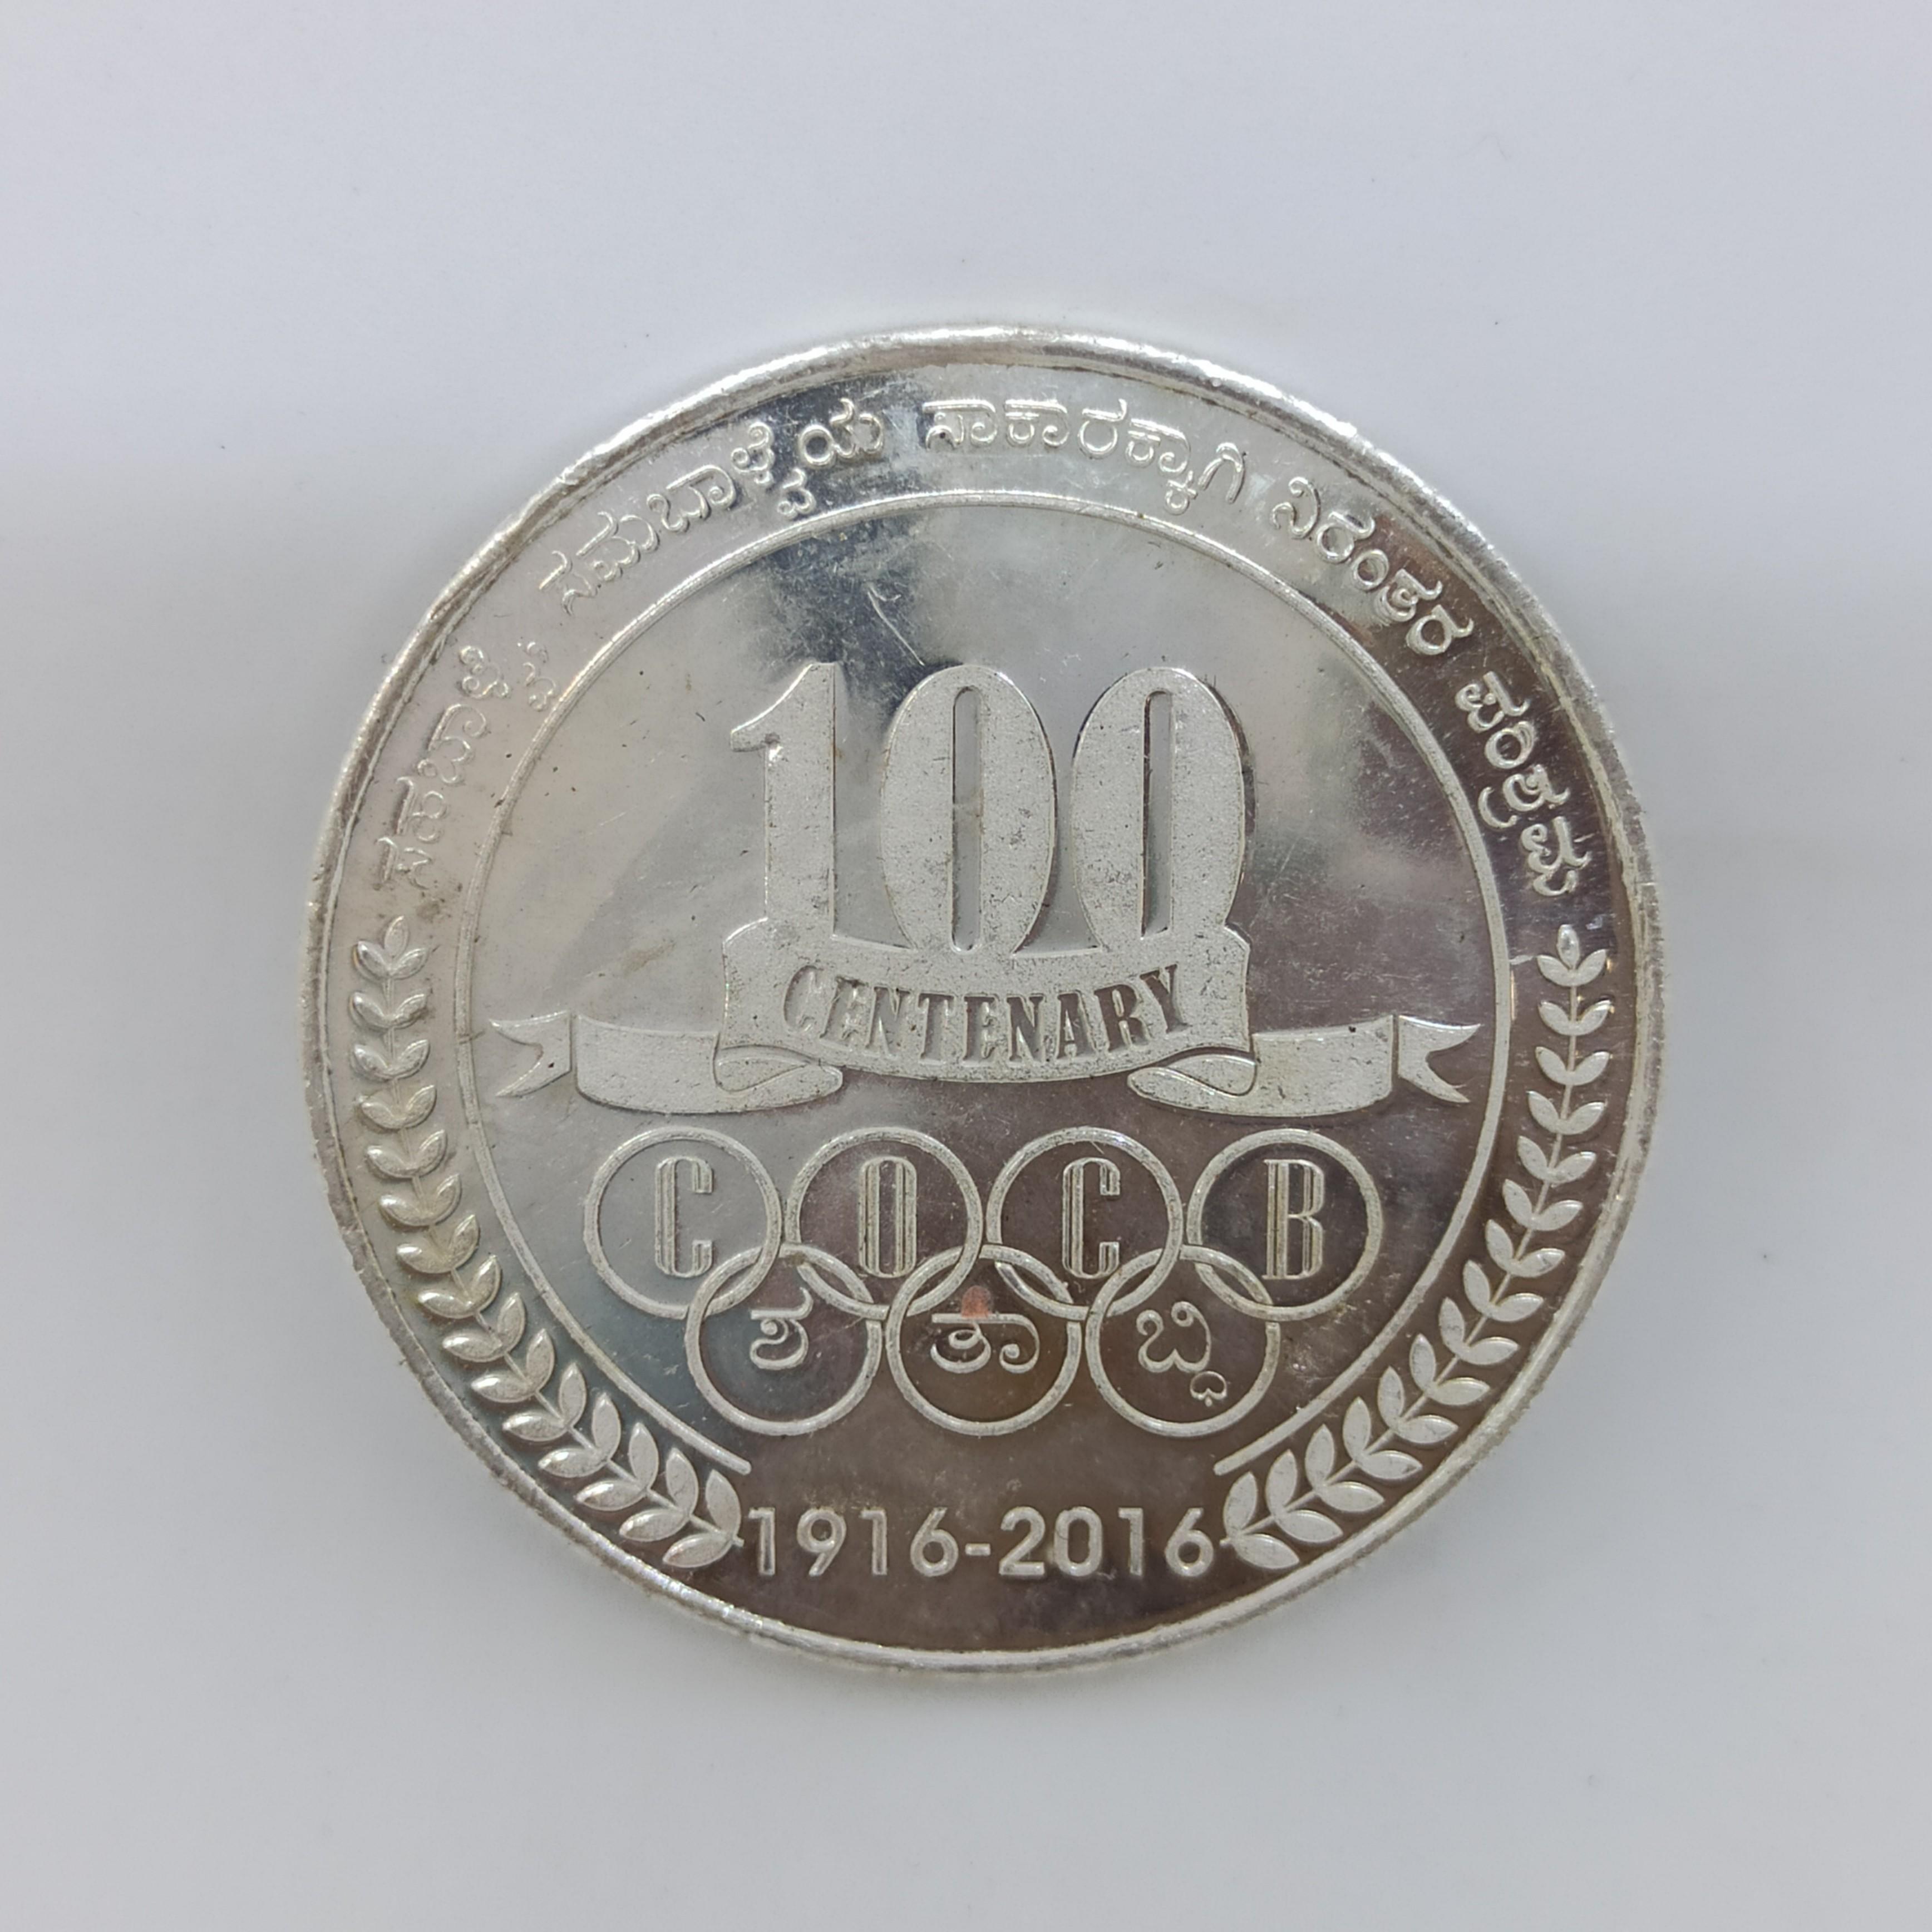 50 Gram Silver Coin